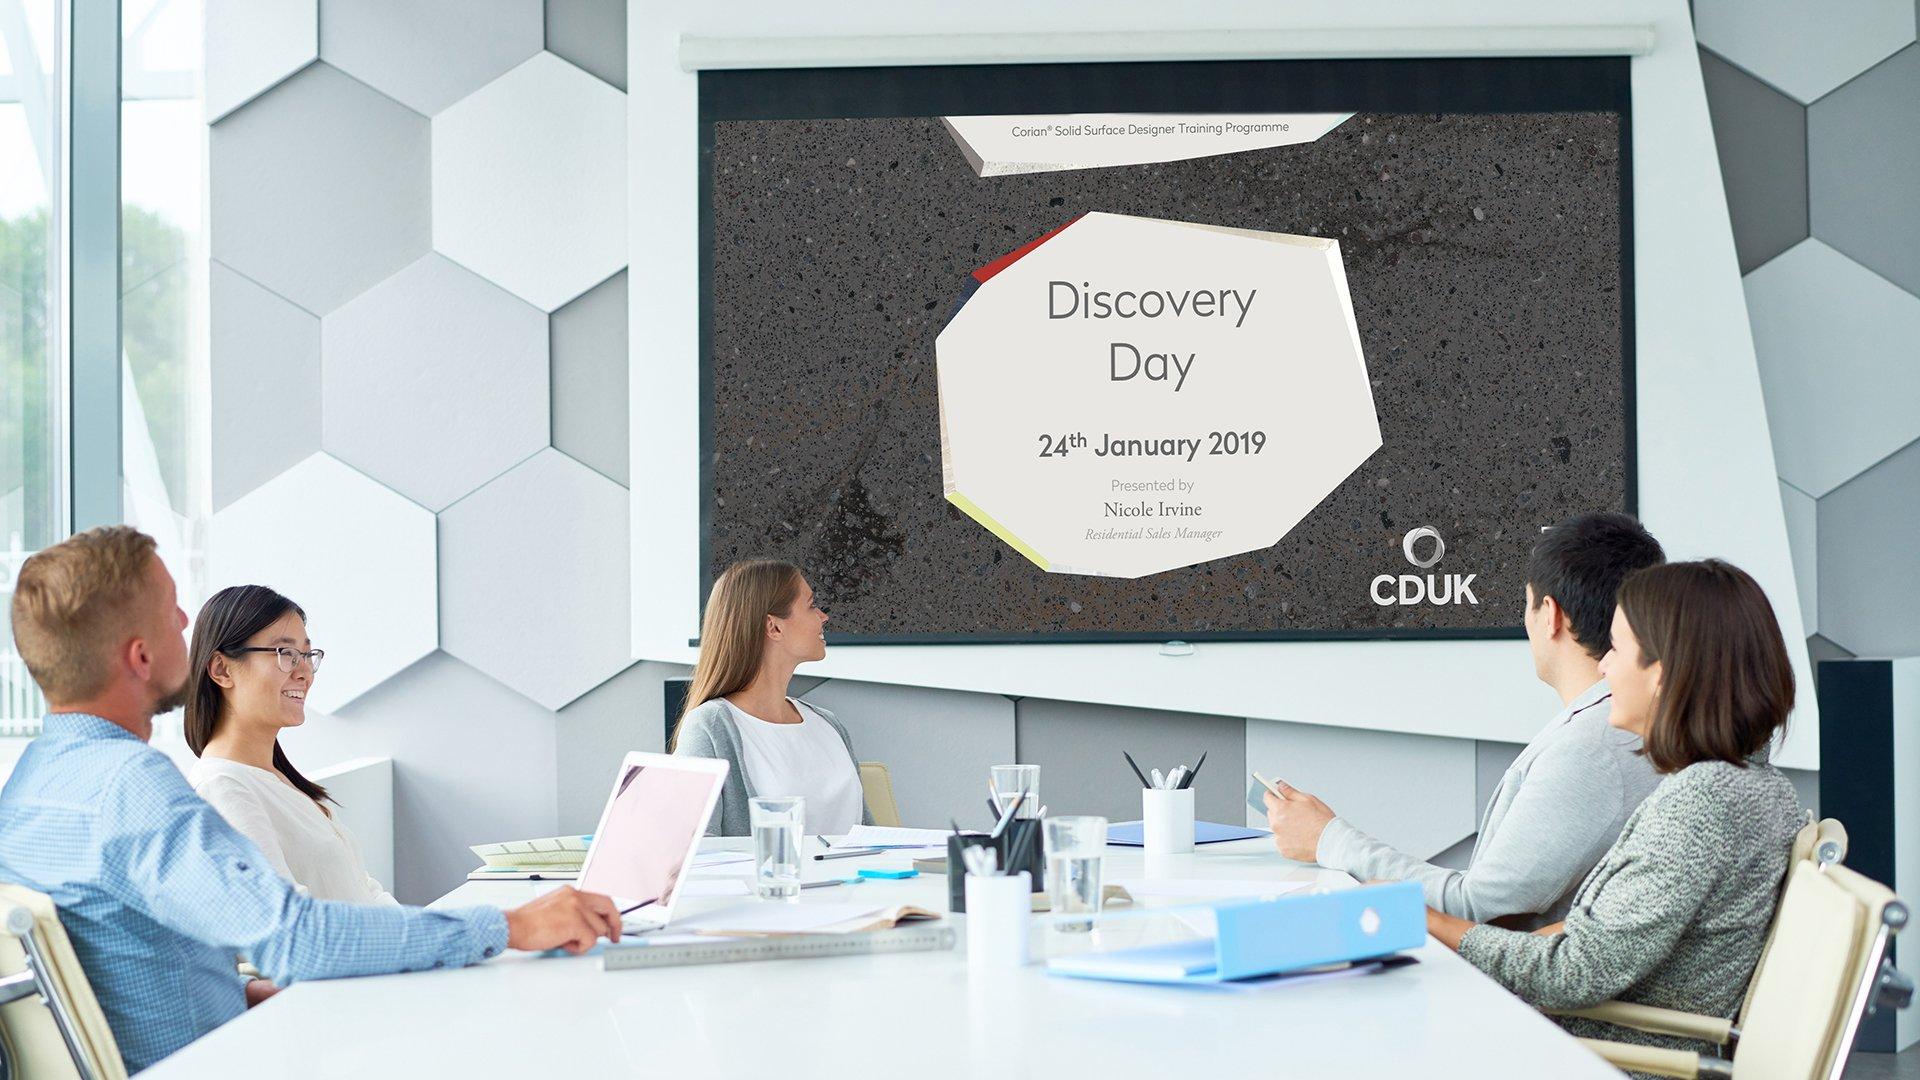 CDUK Discovery Days